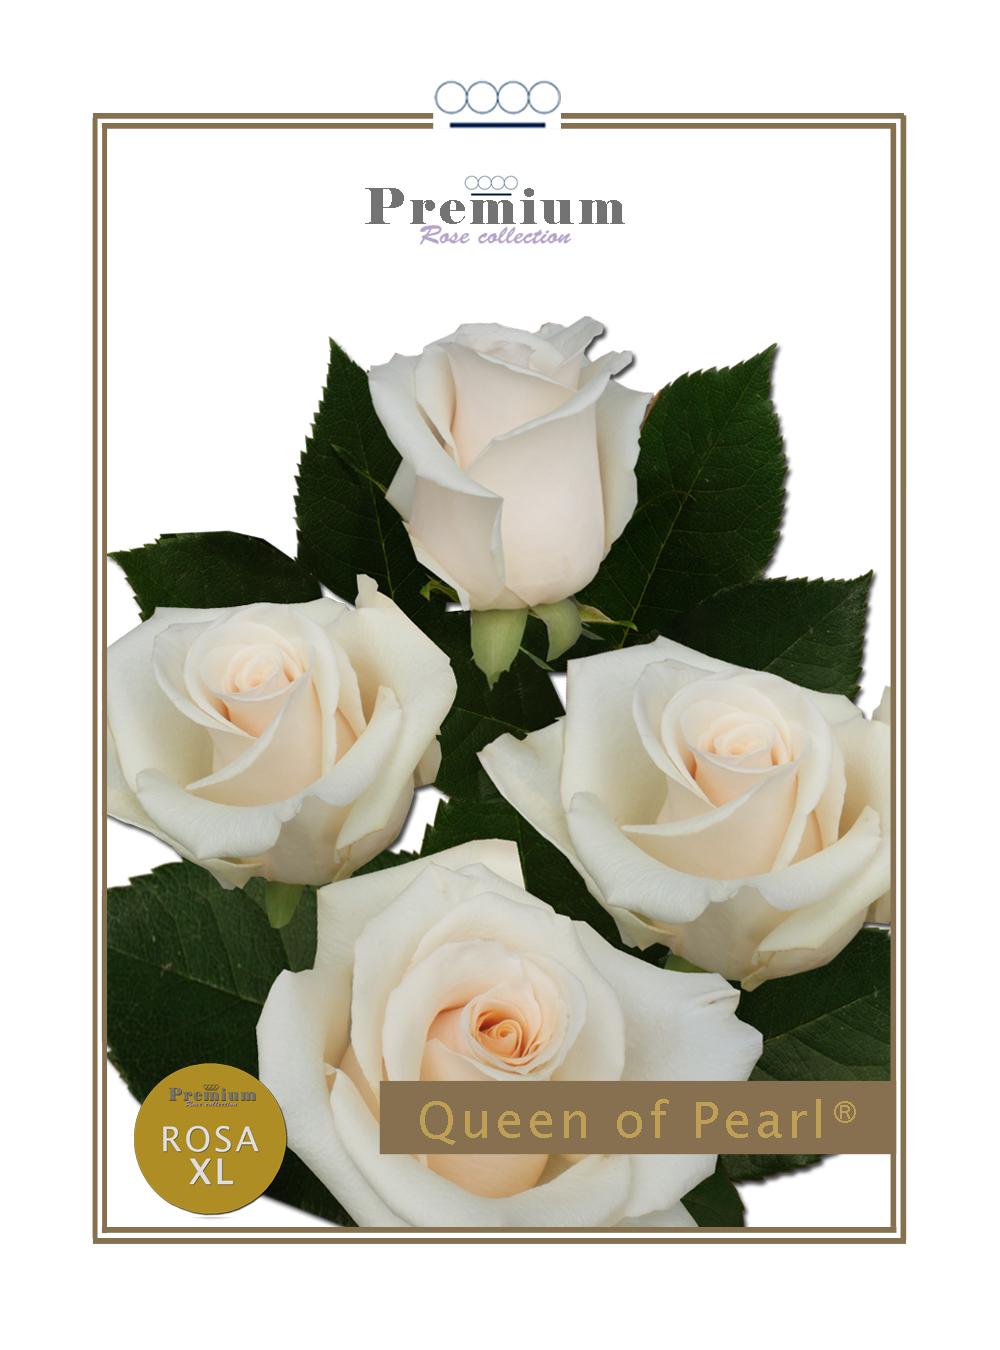 Queen of Pearl®